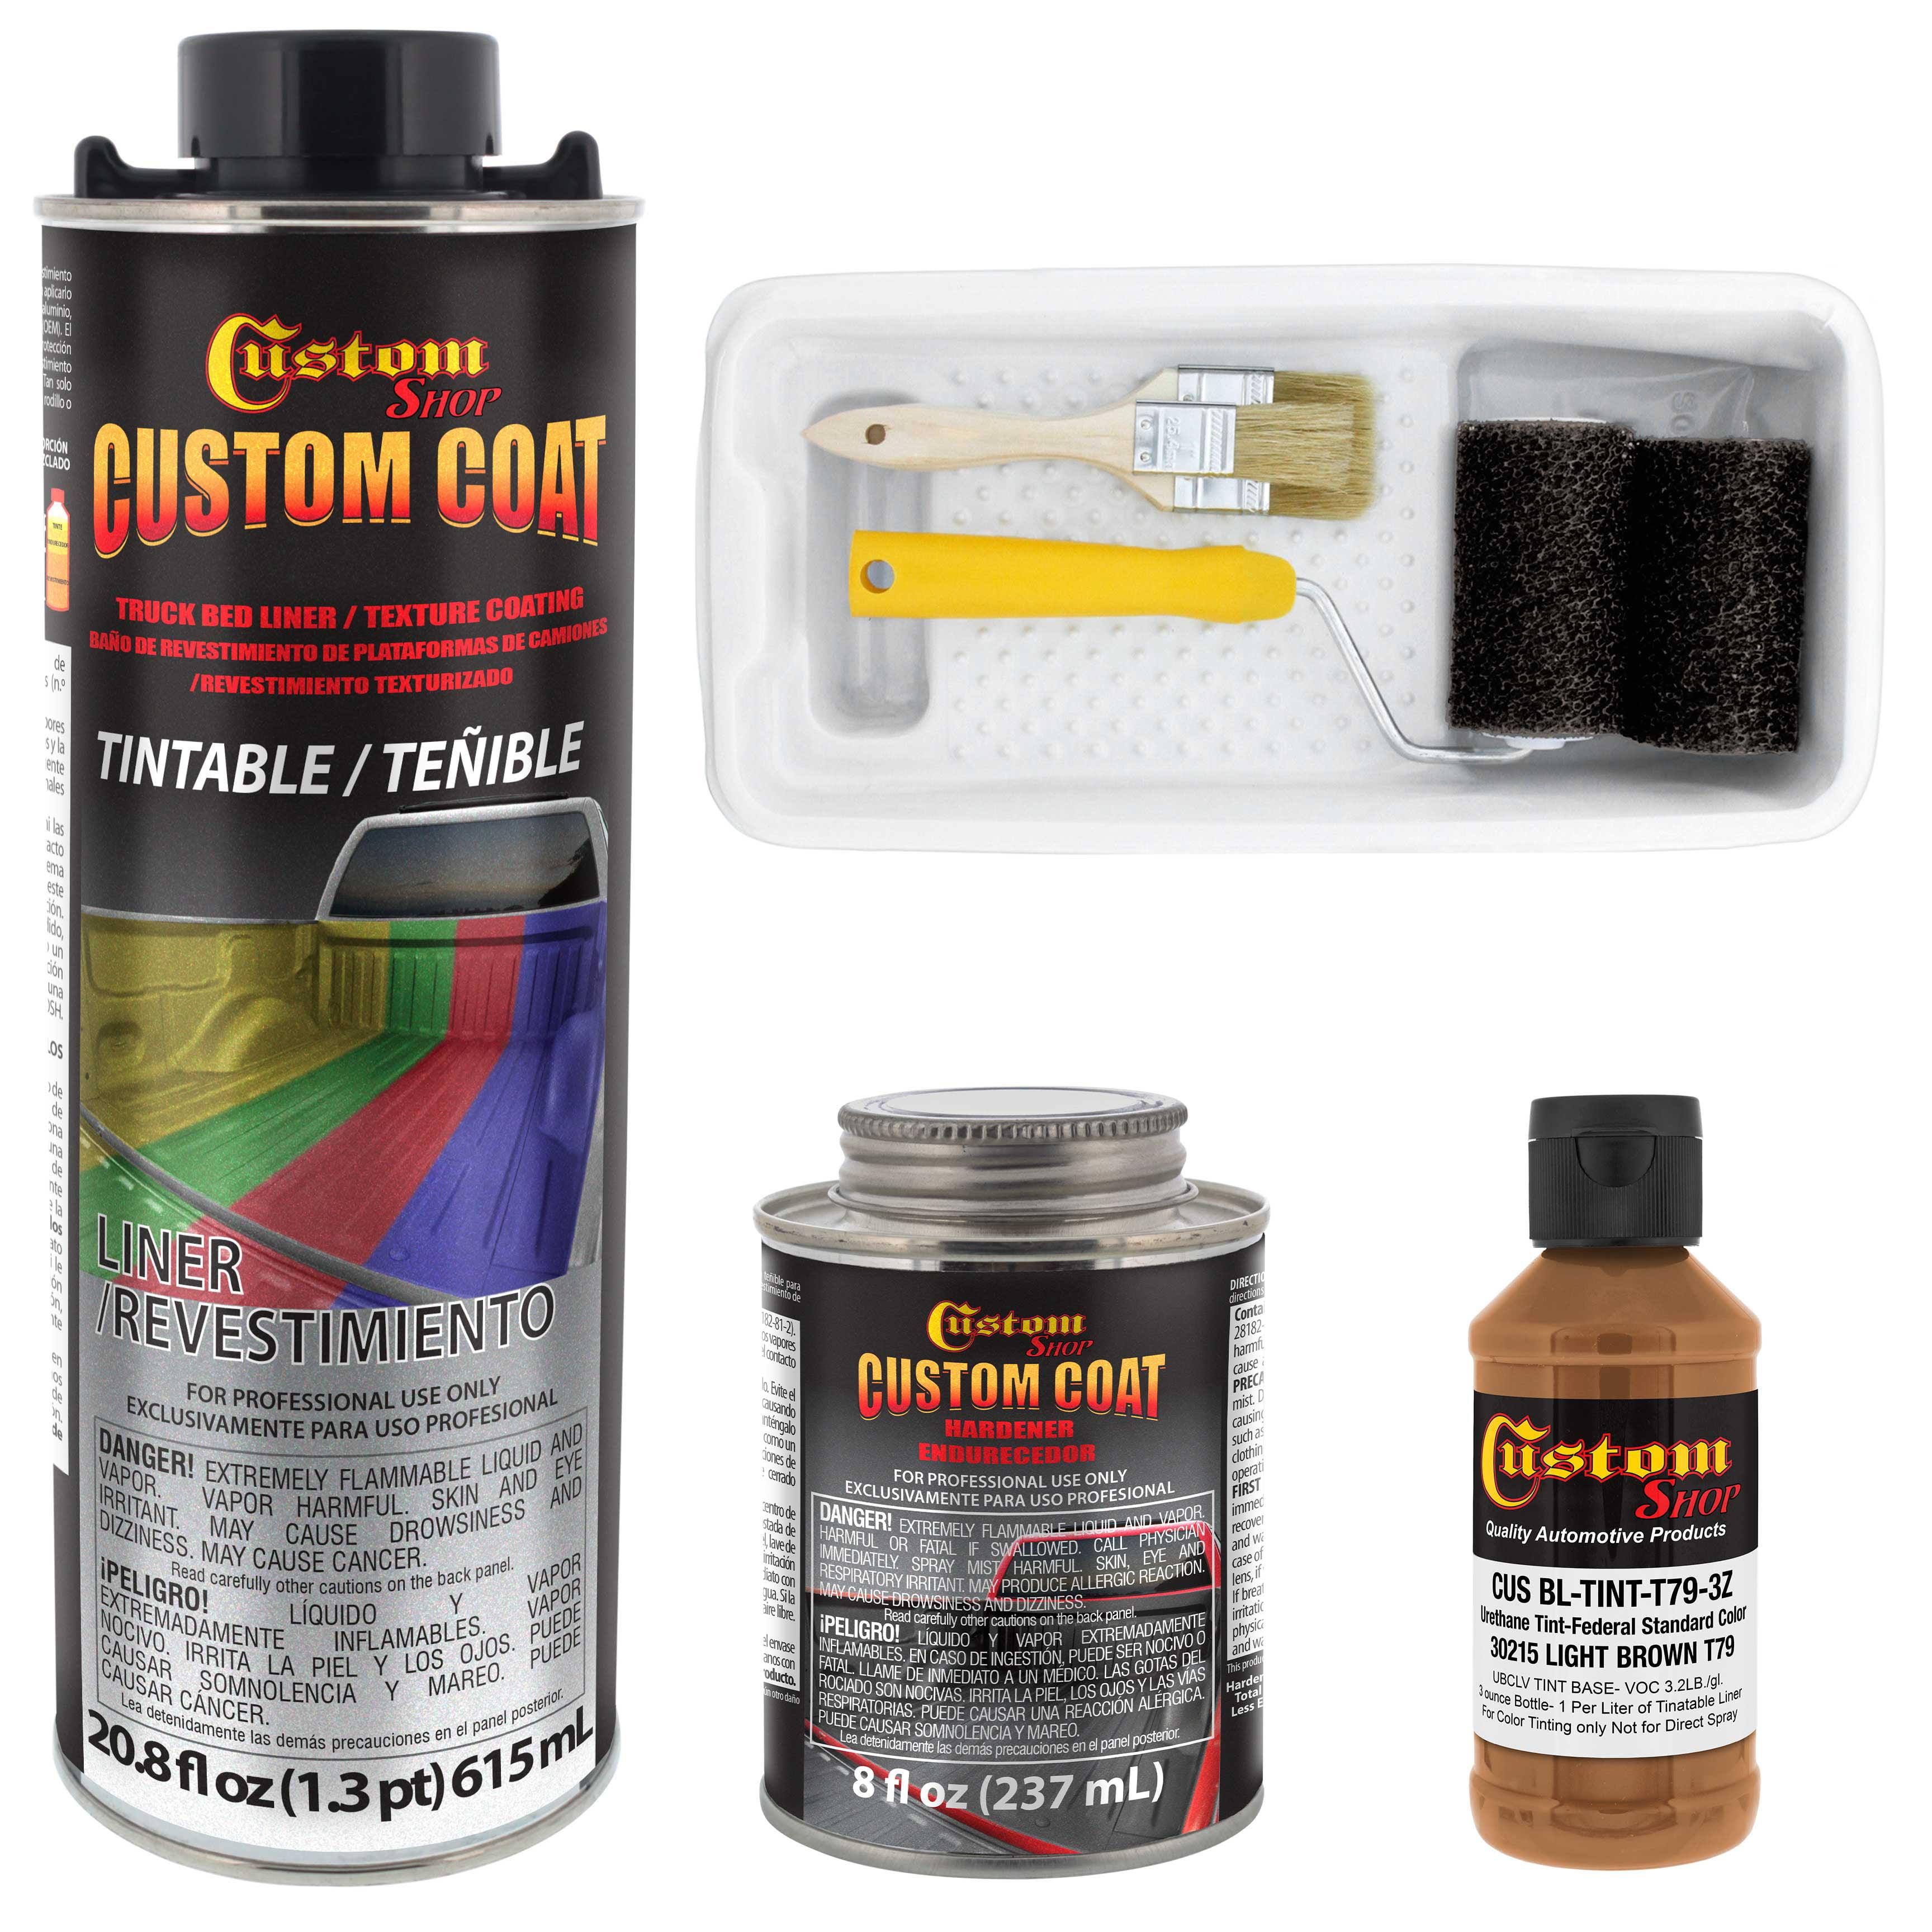 Custom Coat 30215 Light Brown T79 Urethane Roll On Brush On Or Spray On Truck Bed Liner 1 Quart Kit With Roller Applicator Kit Walmart Com Walmart Com